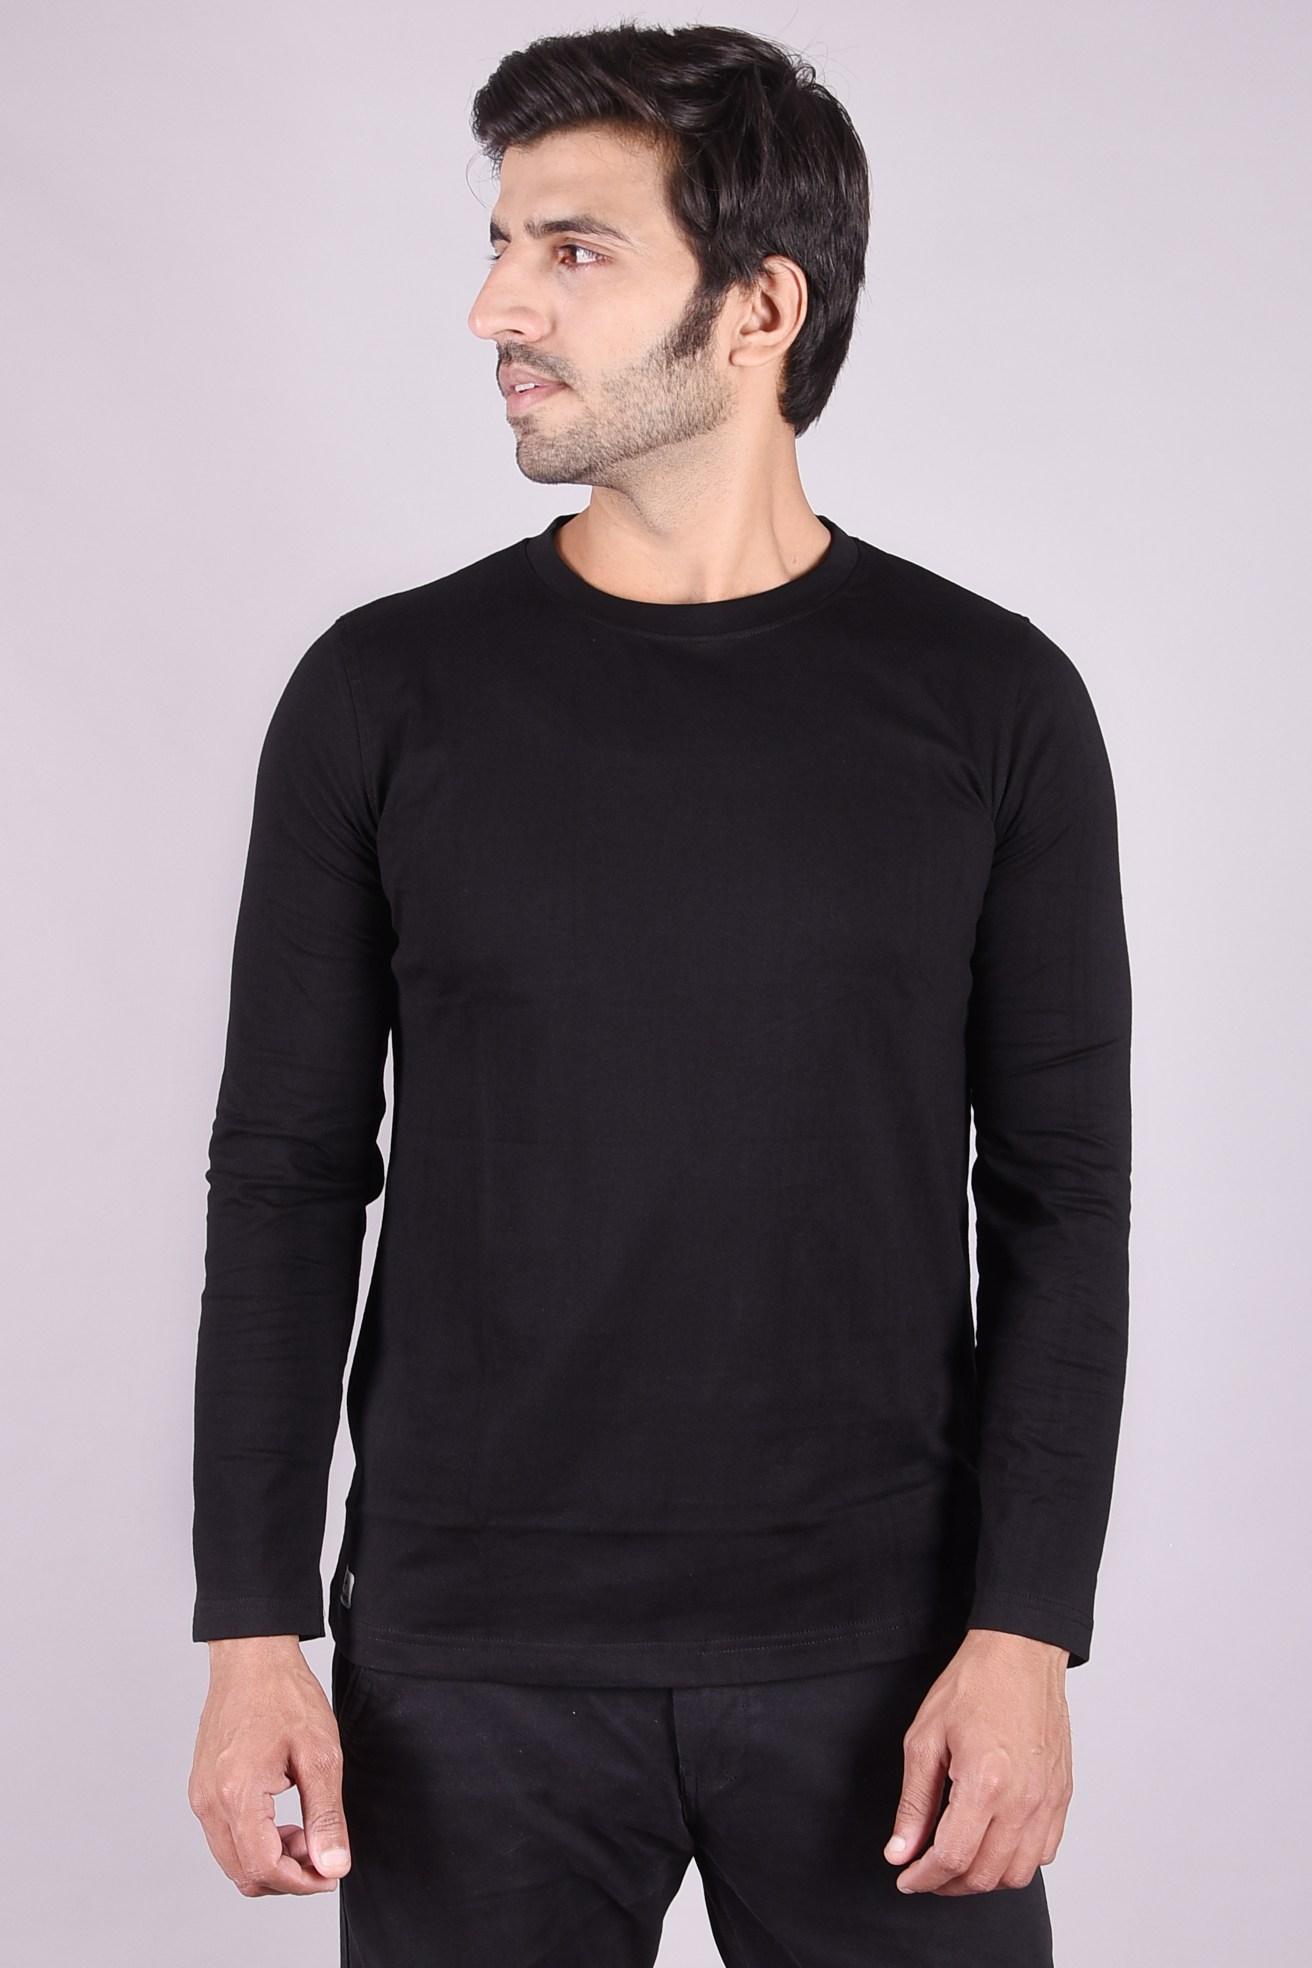 JAGURO   Stylish full Sleeves cotton T-shirt.